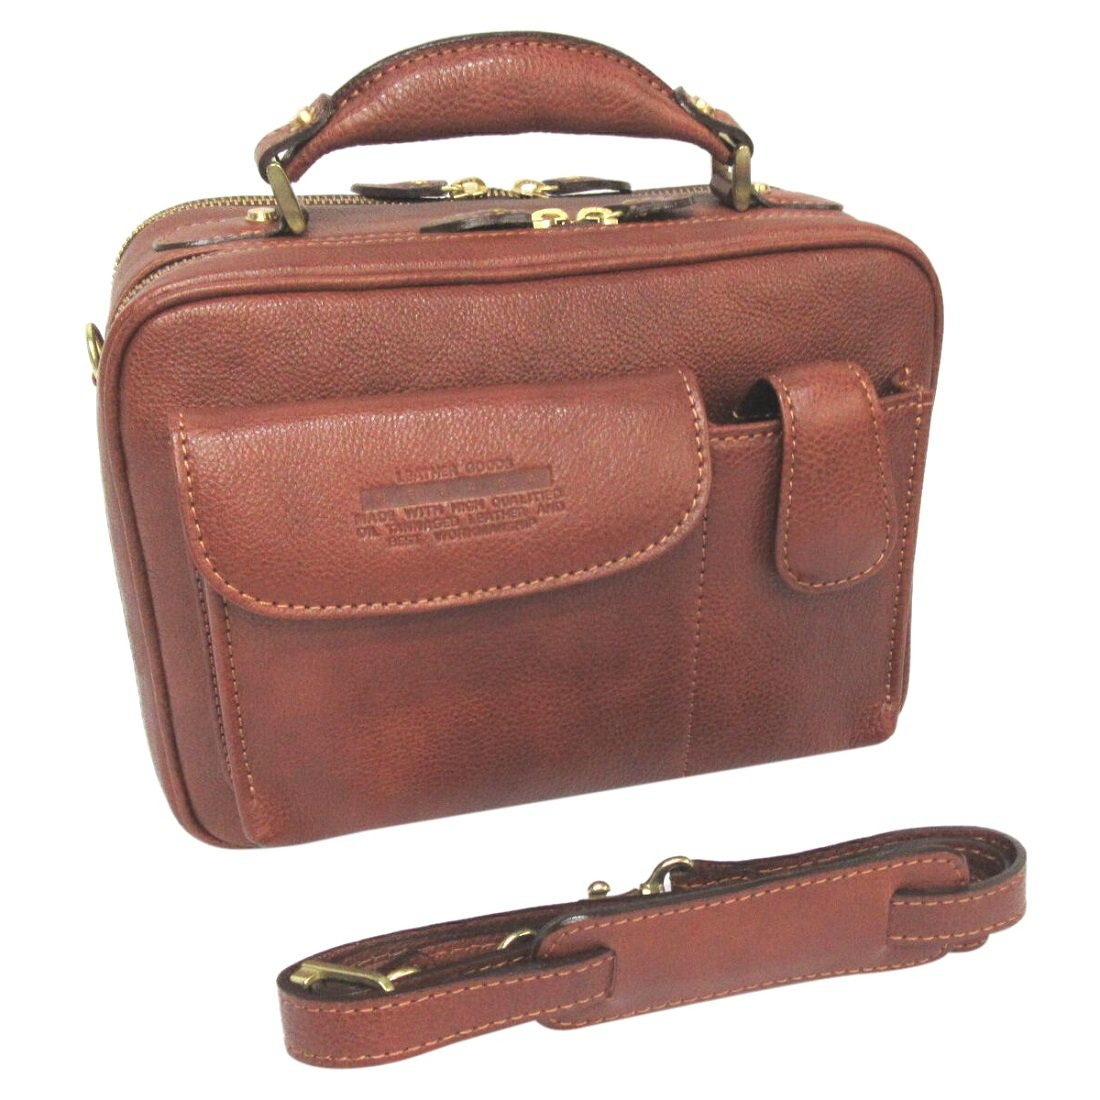 LuggageAOKI(青木鞄) [Lugard NEVADA]フロントポケット2WAYショルダーバッグ ブラウン(5076-50) B002D53RLO